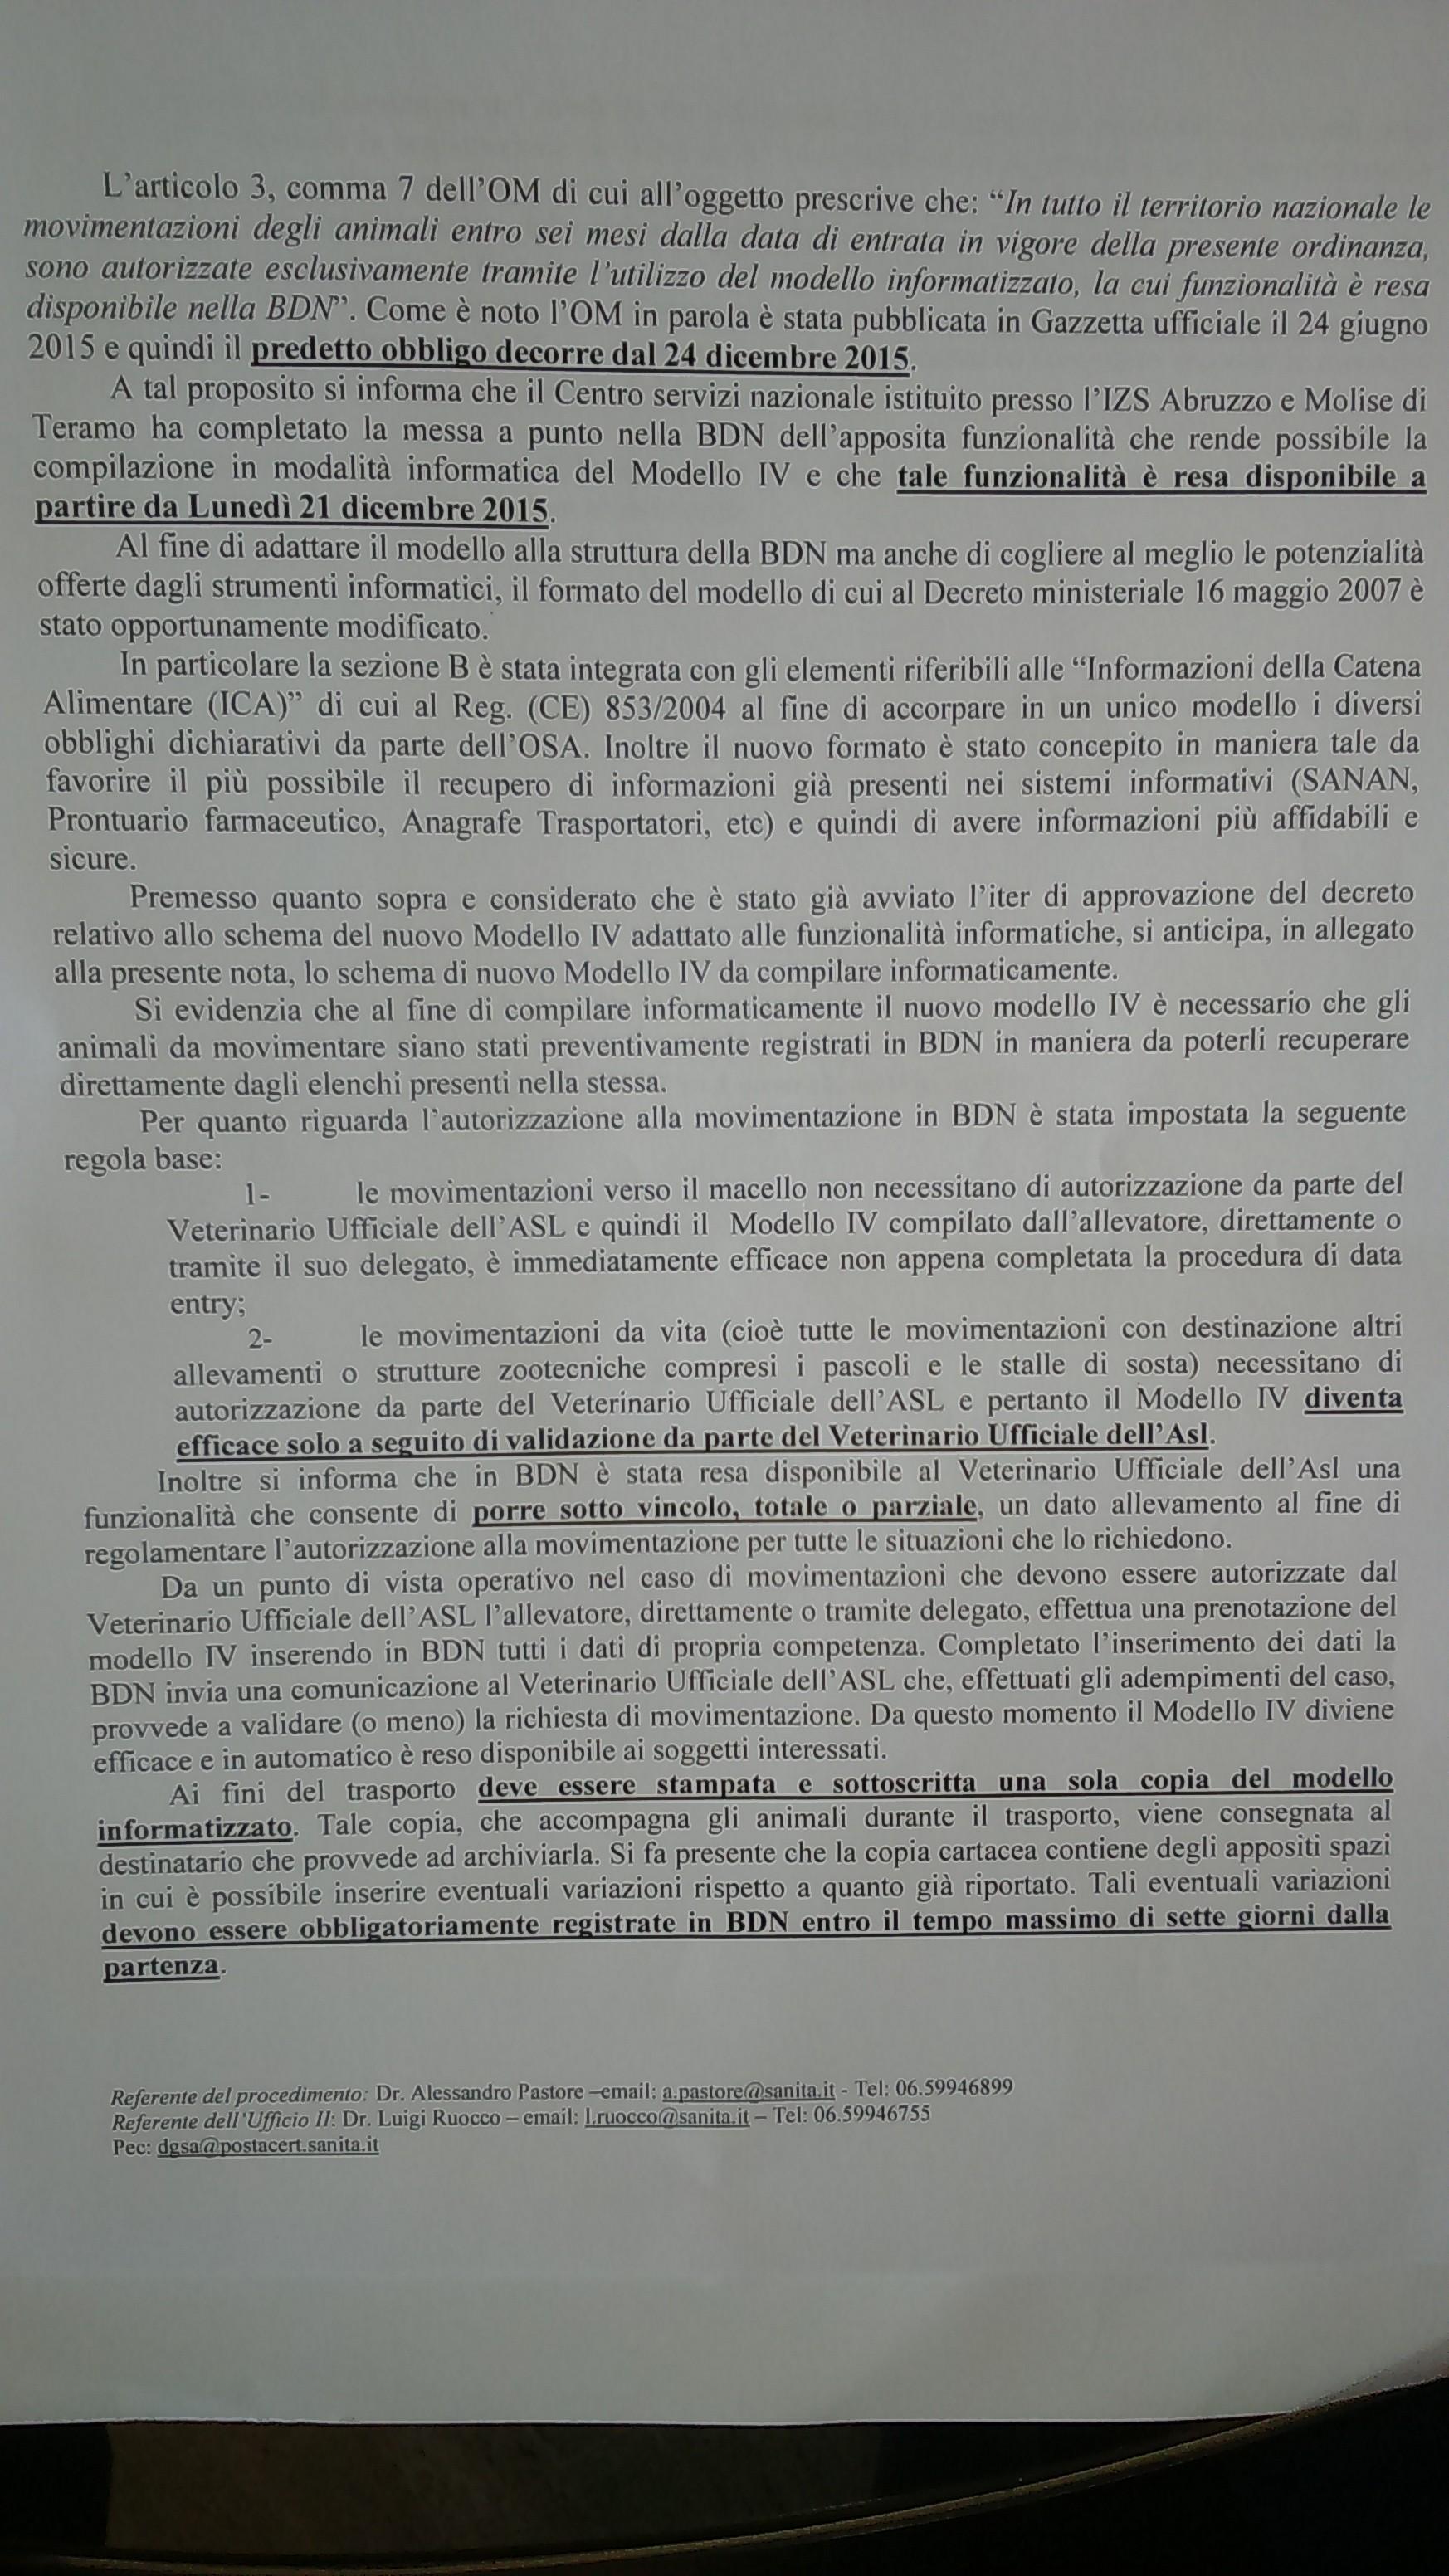 passaporto_bovini_0076